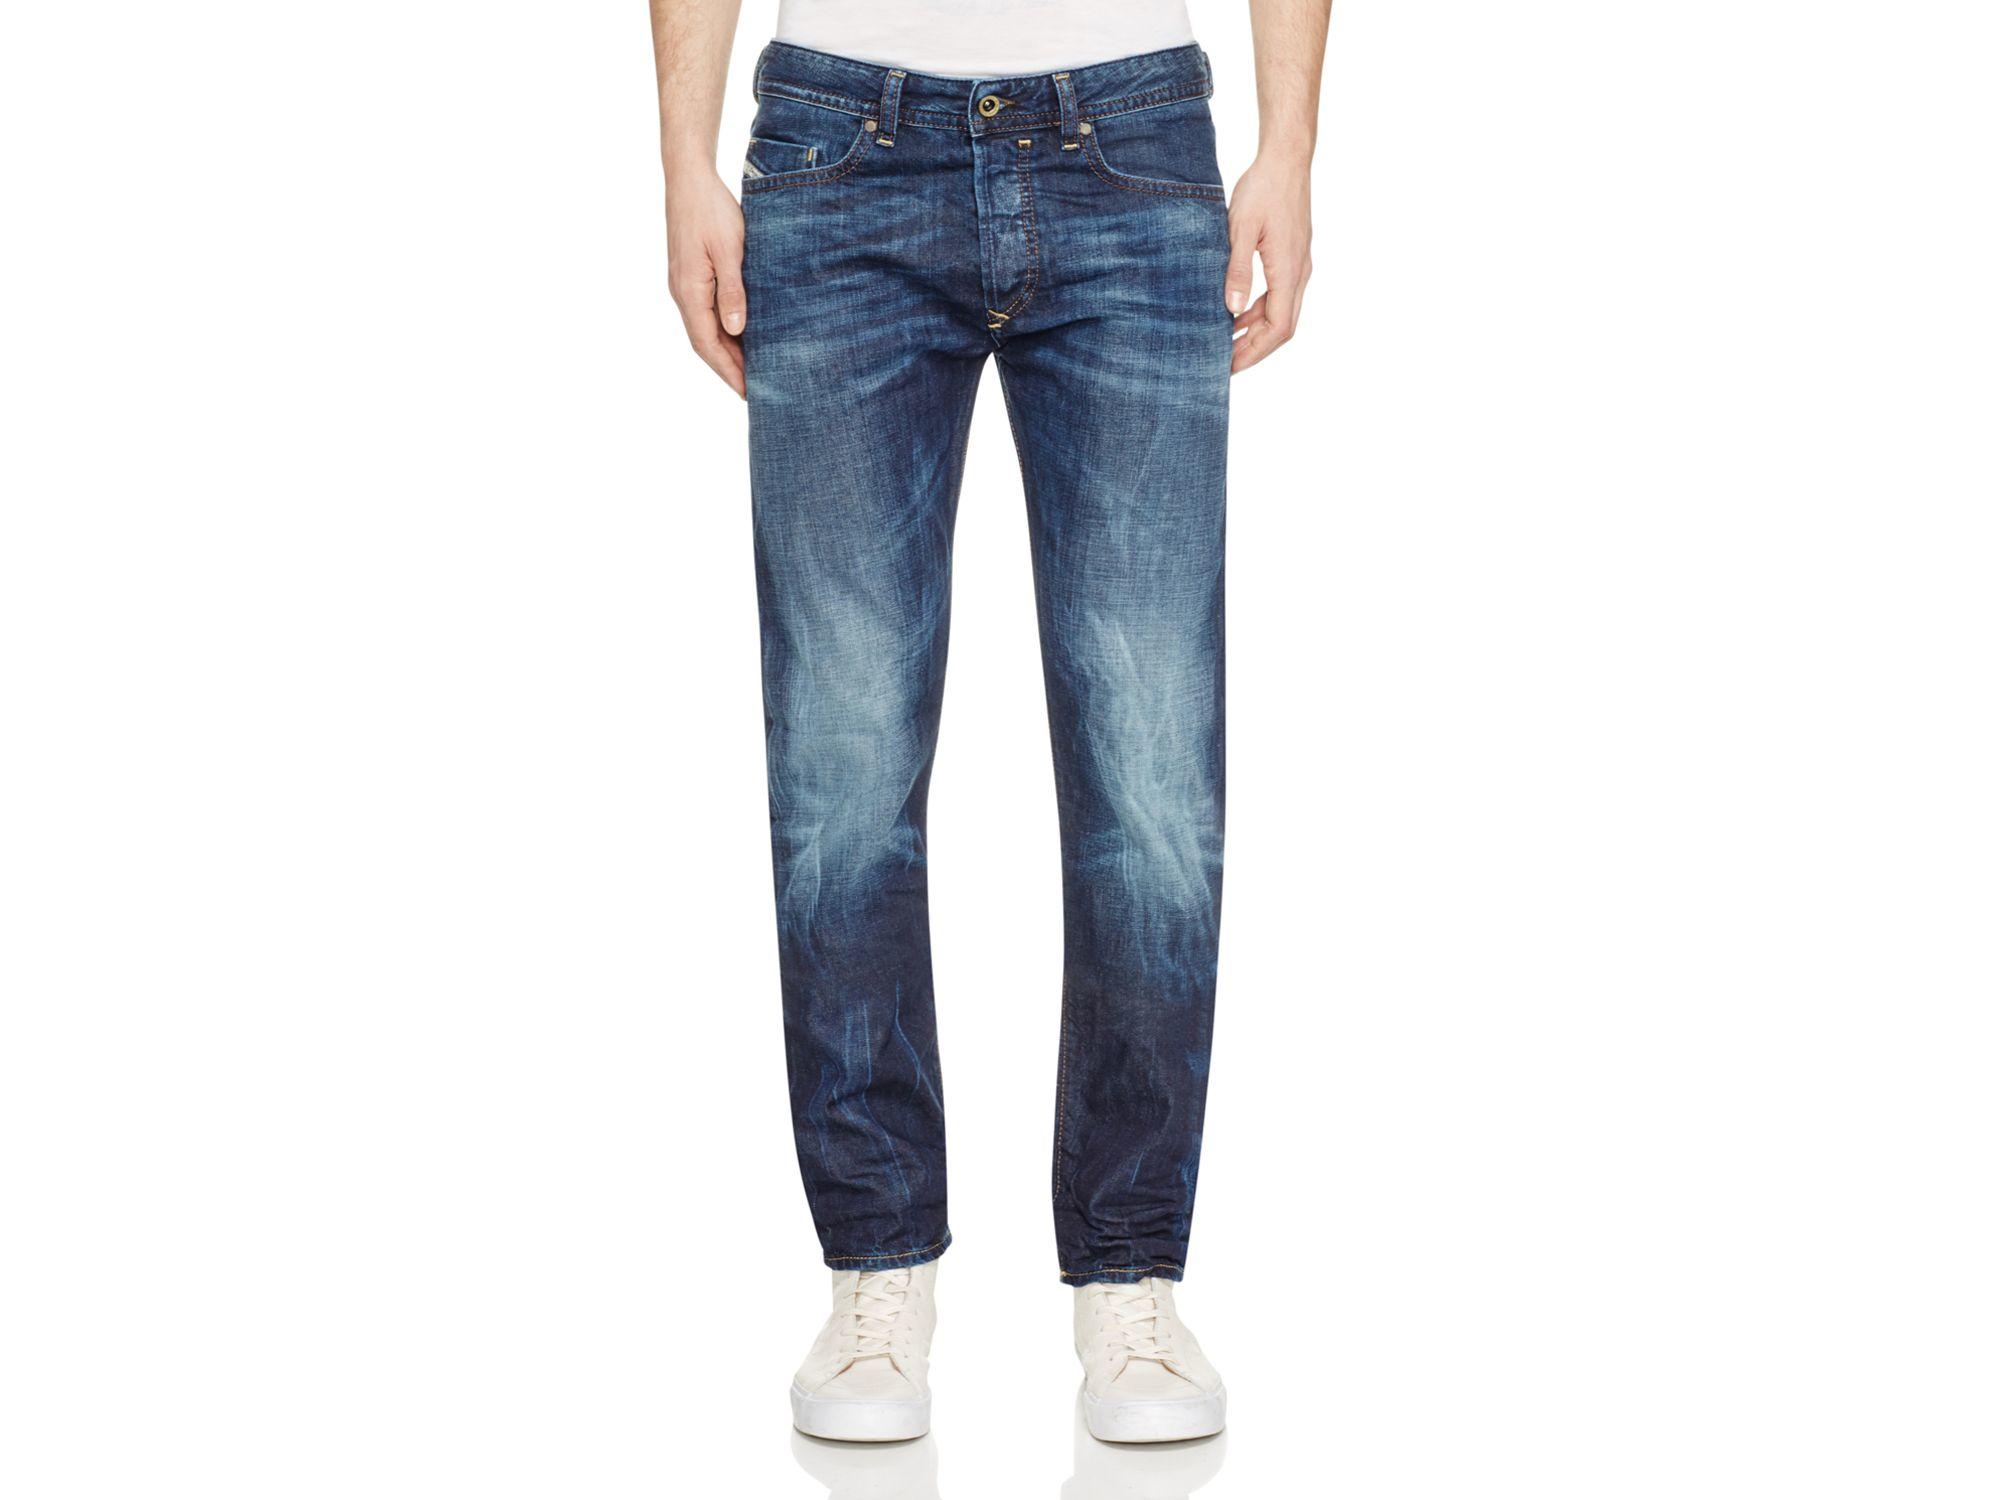 diesel buster new tapered fit jeans in denim in blue for men denim lyst. Black Bedroom Furniture Sets. Home Design Ideas